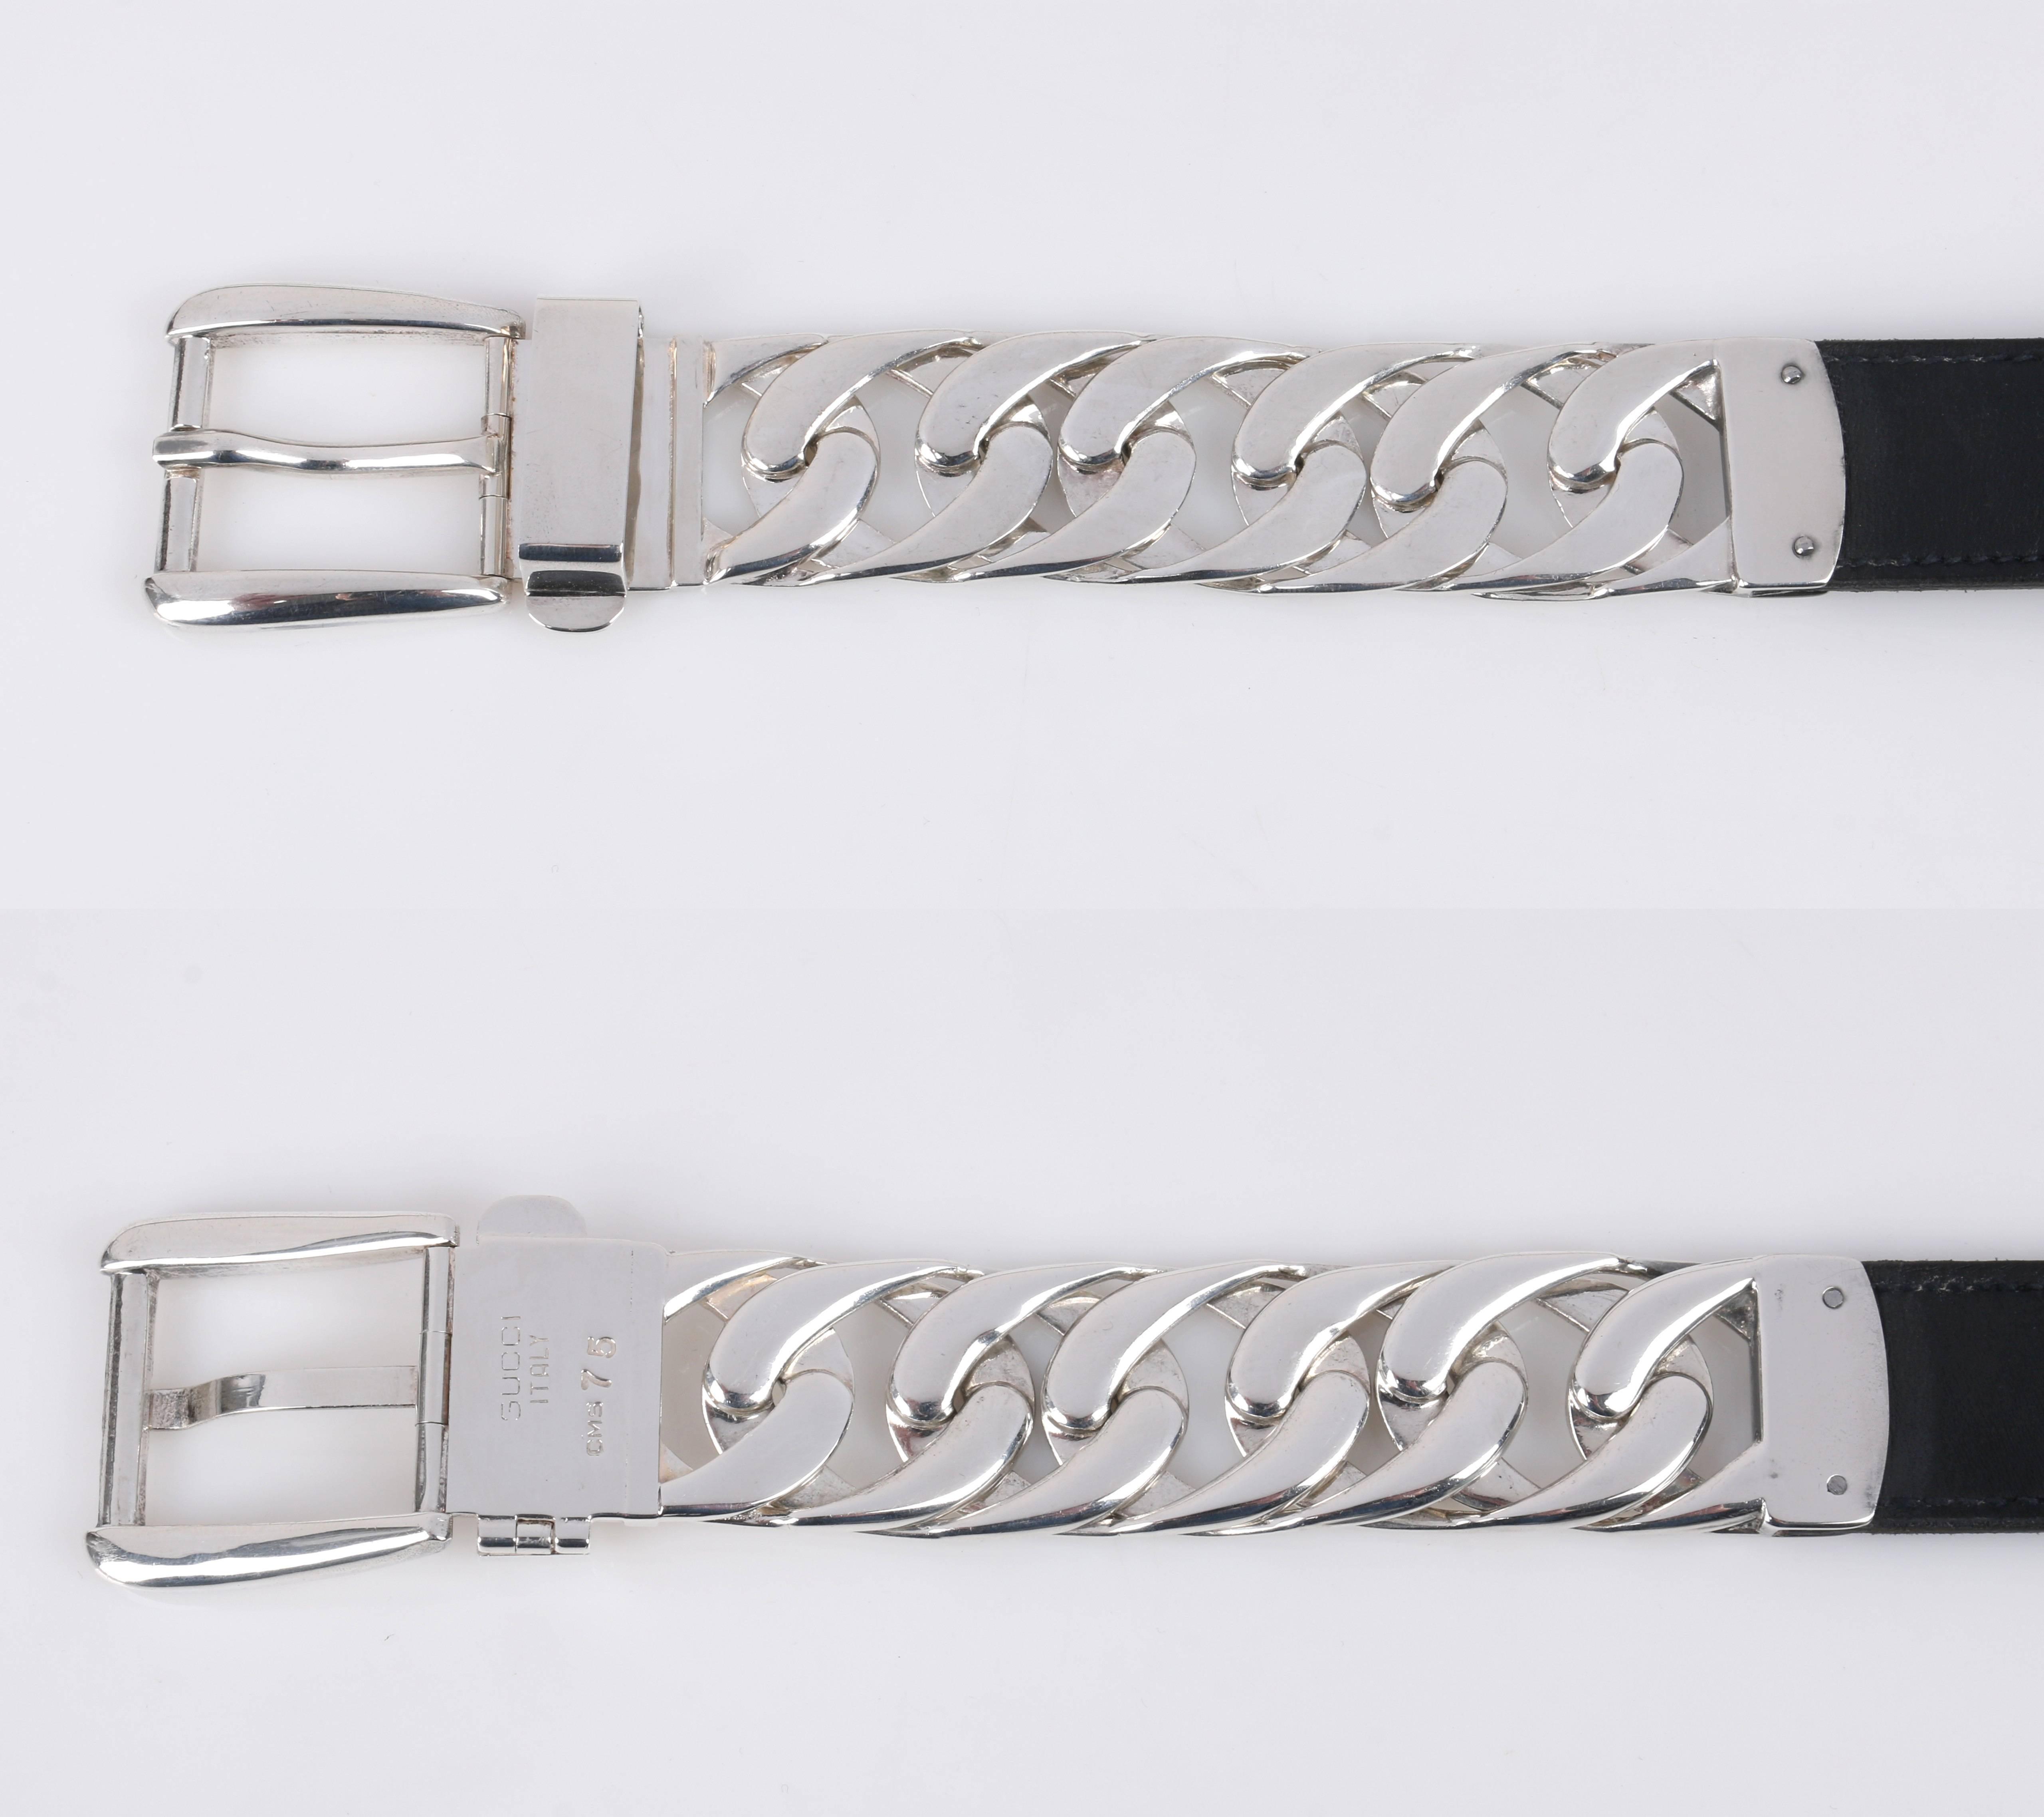 2c2f65b7e58bc GUCCI Sterling Silber Gliederkette schwarz Leder gemischtes Material Gürtel  Größe 7 im Angebot bei 1stdibs